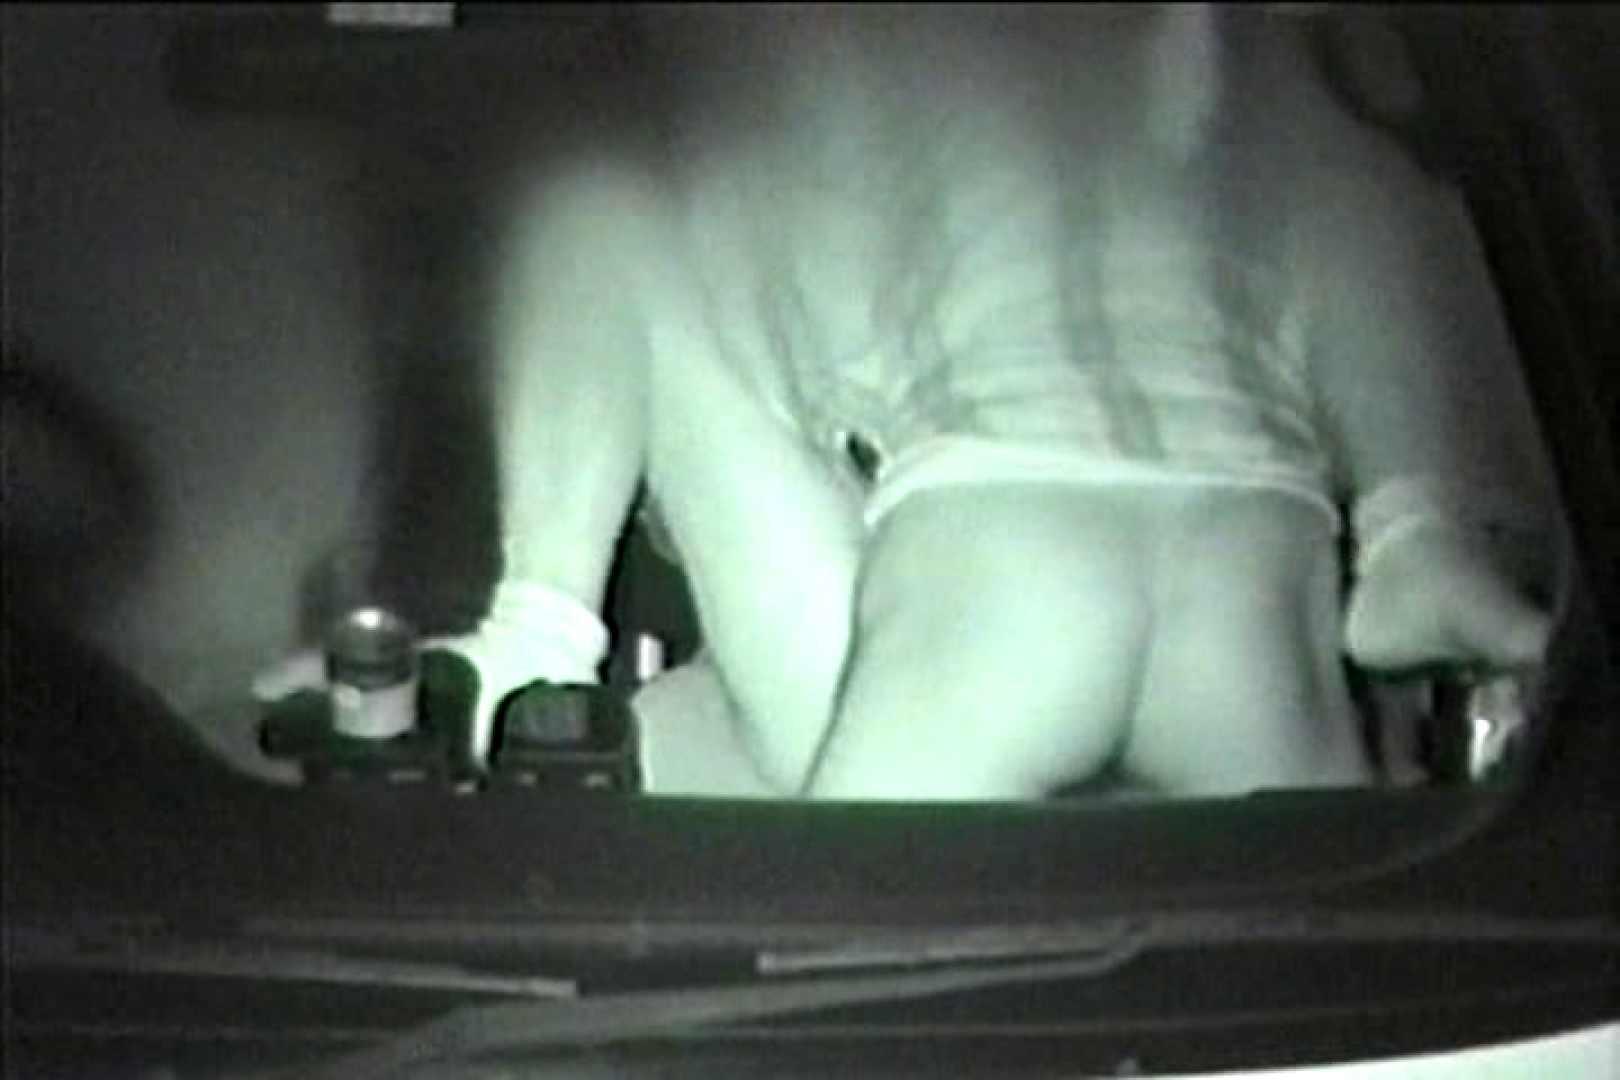 車の中はラブホテル 無修正版  Vol.7 接写 盗撮アダルト動画キャプチャ 96連発 90